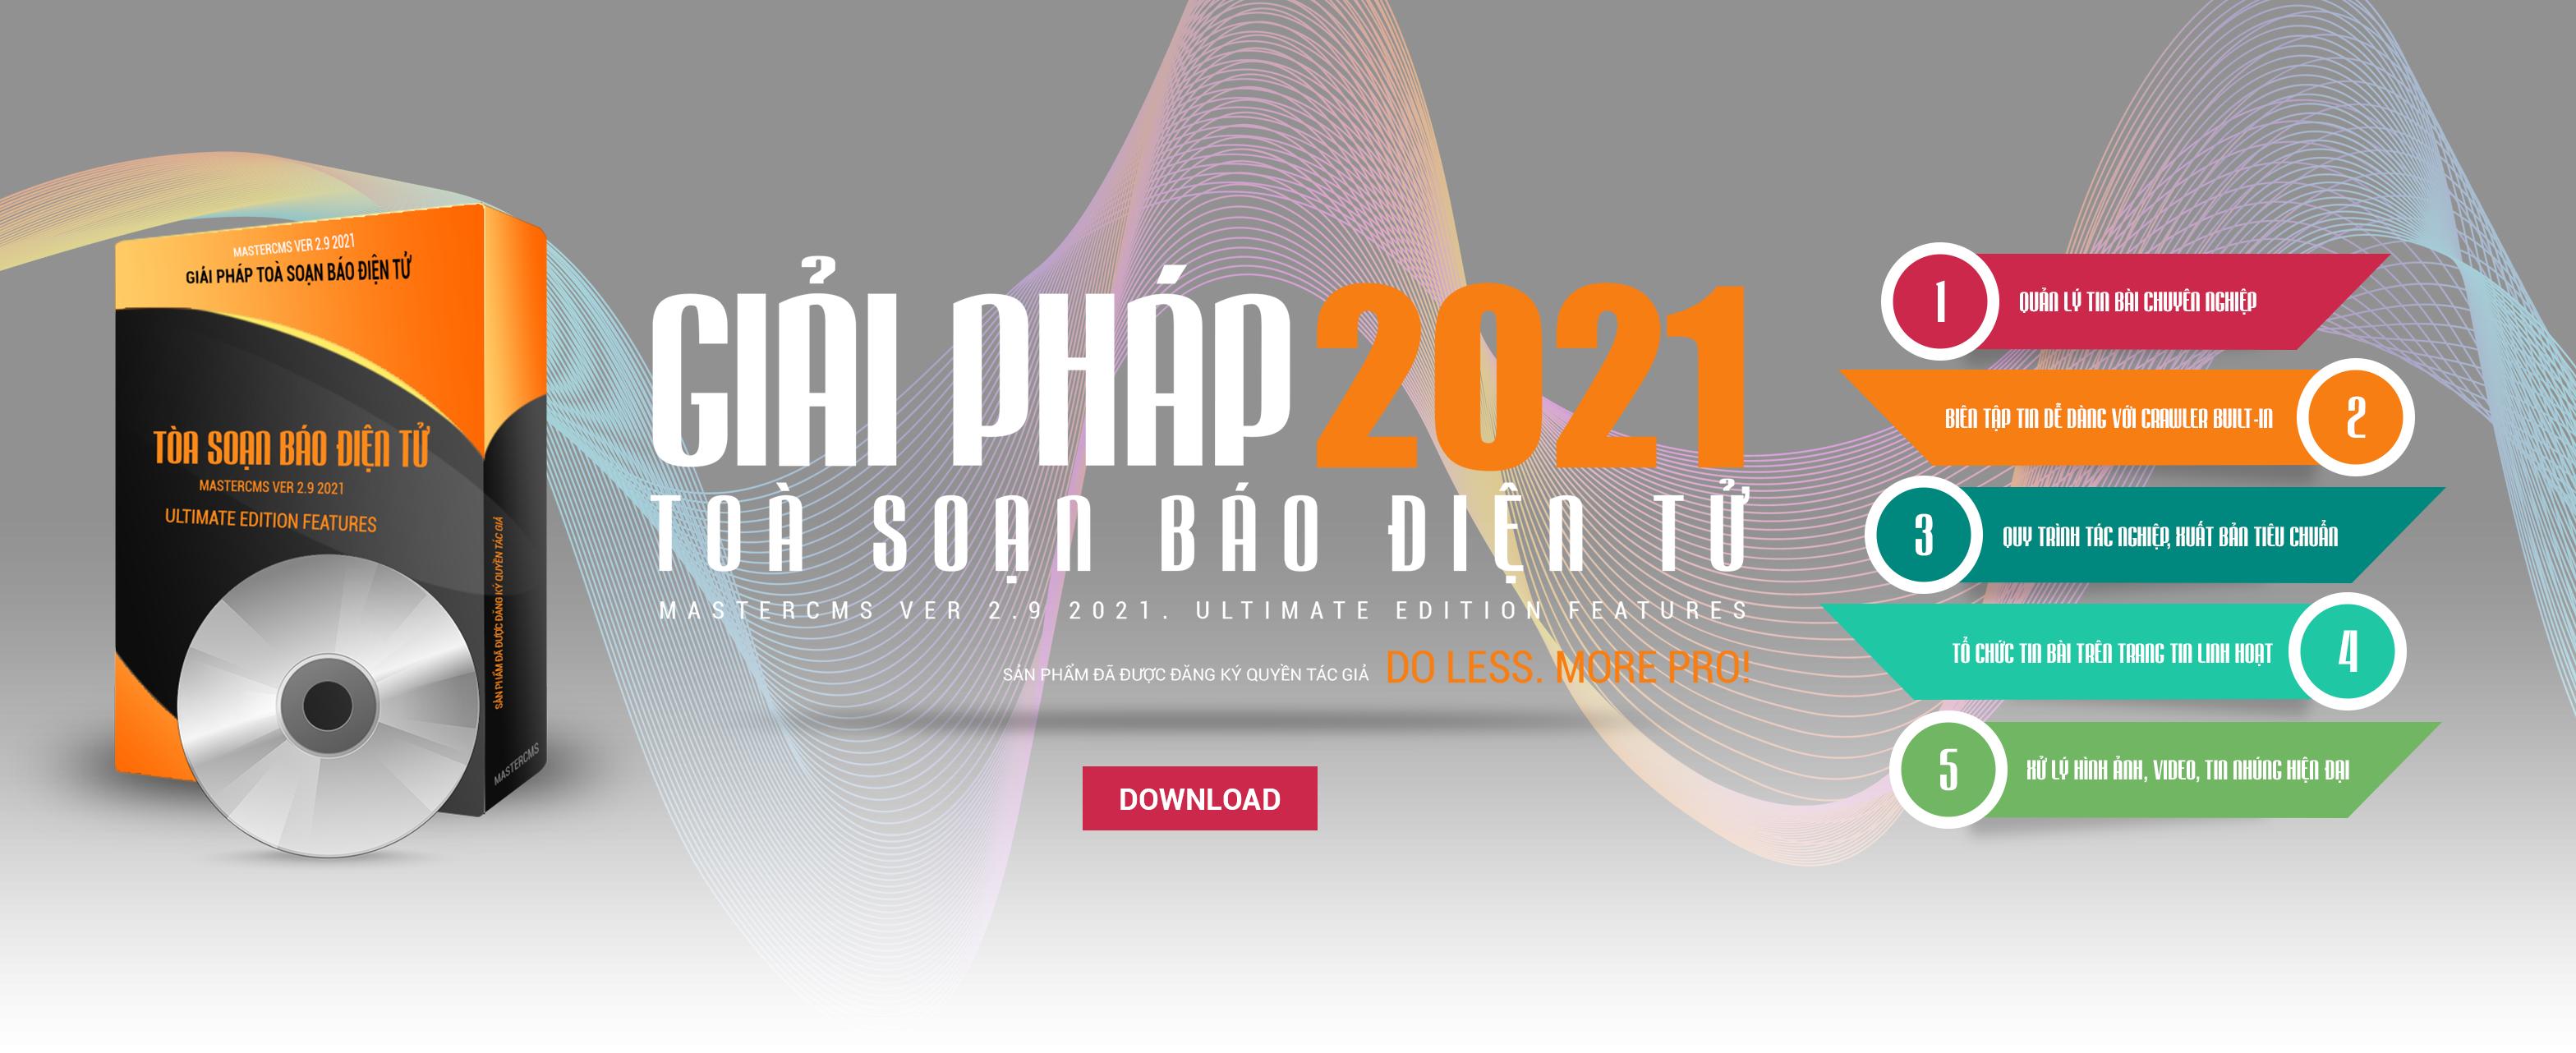 giai-phap-2021-toa-soan-bao-dien-tu